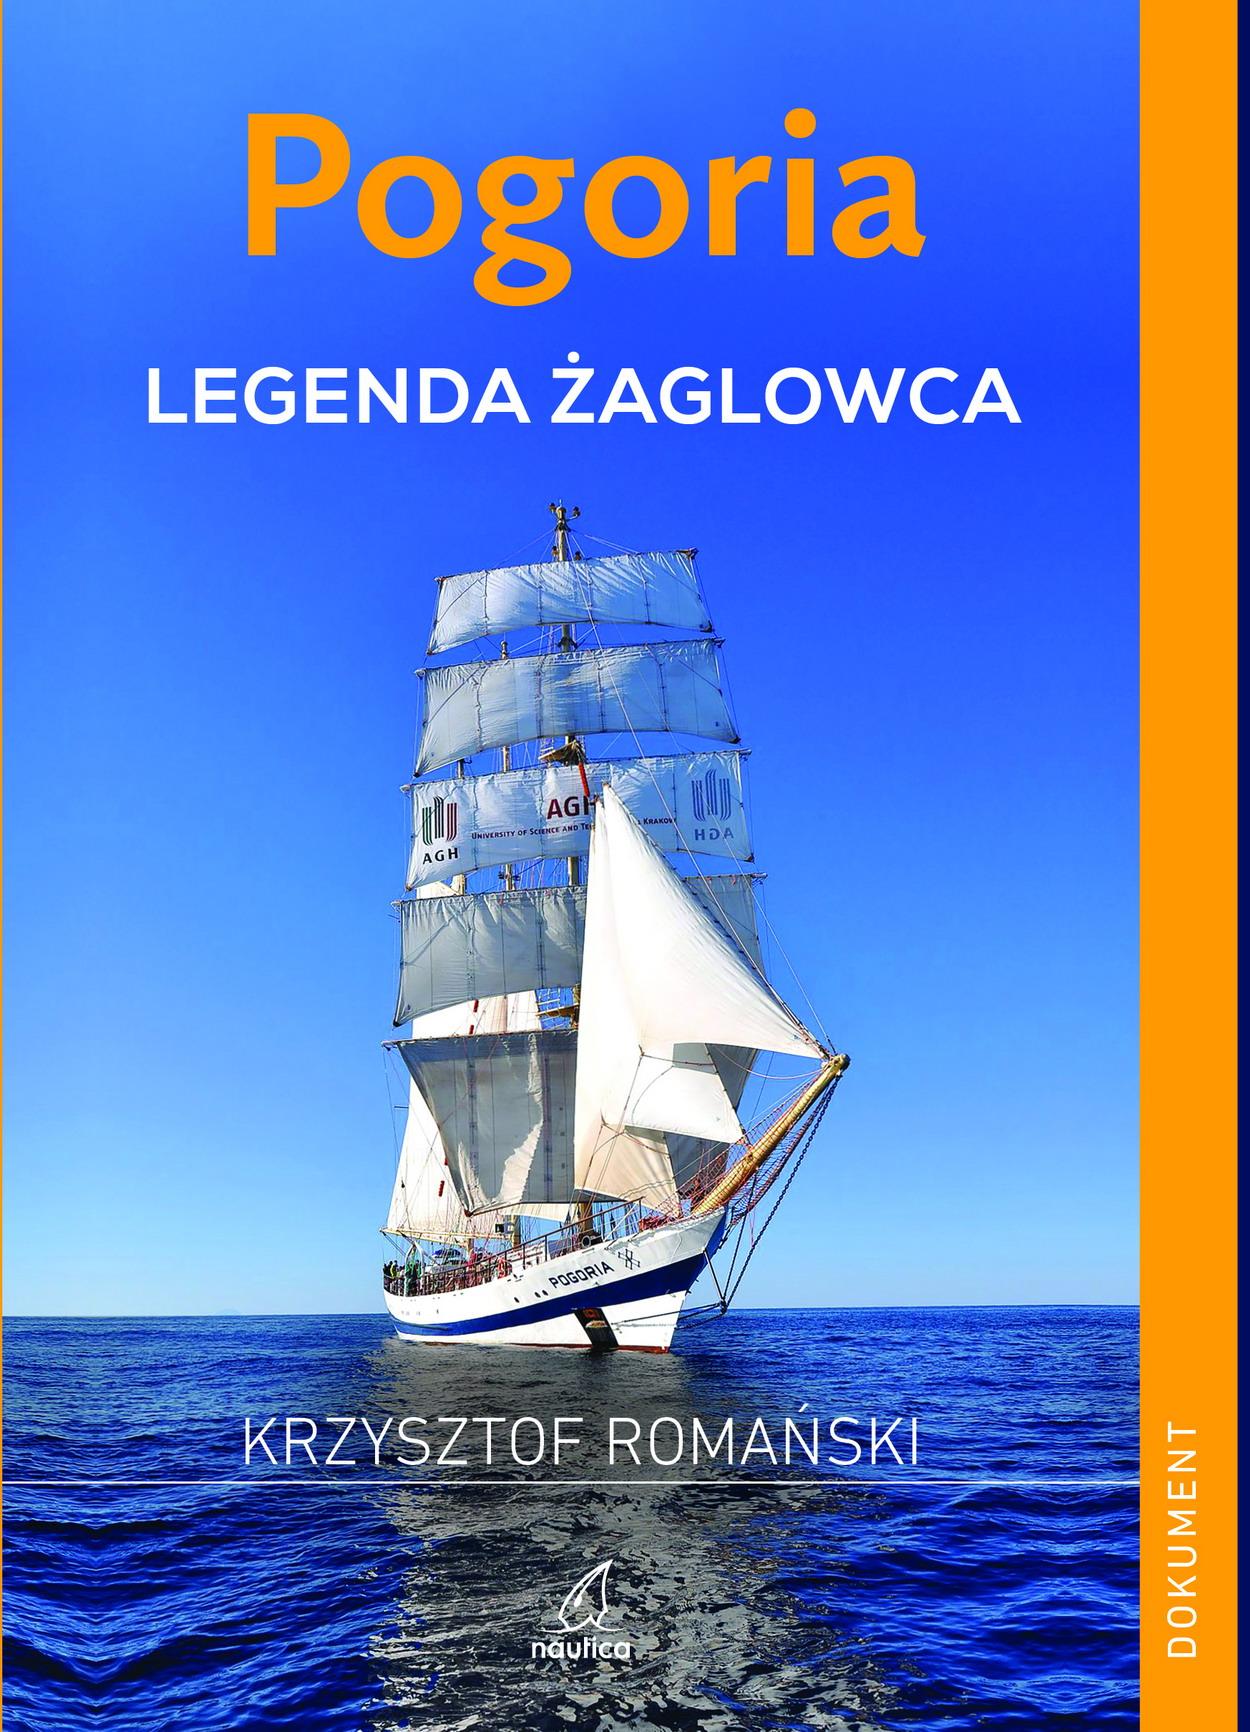 Chcesz poznać legendę żaglowca Pogoria? W marinie Yacht Park w Gdyni w sobotę spotkanie z Krzysztofem Romańskim